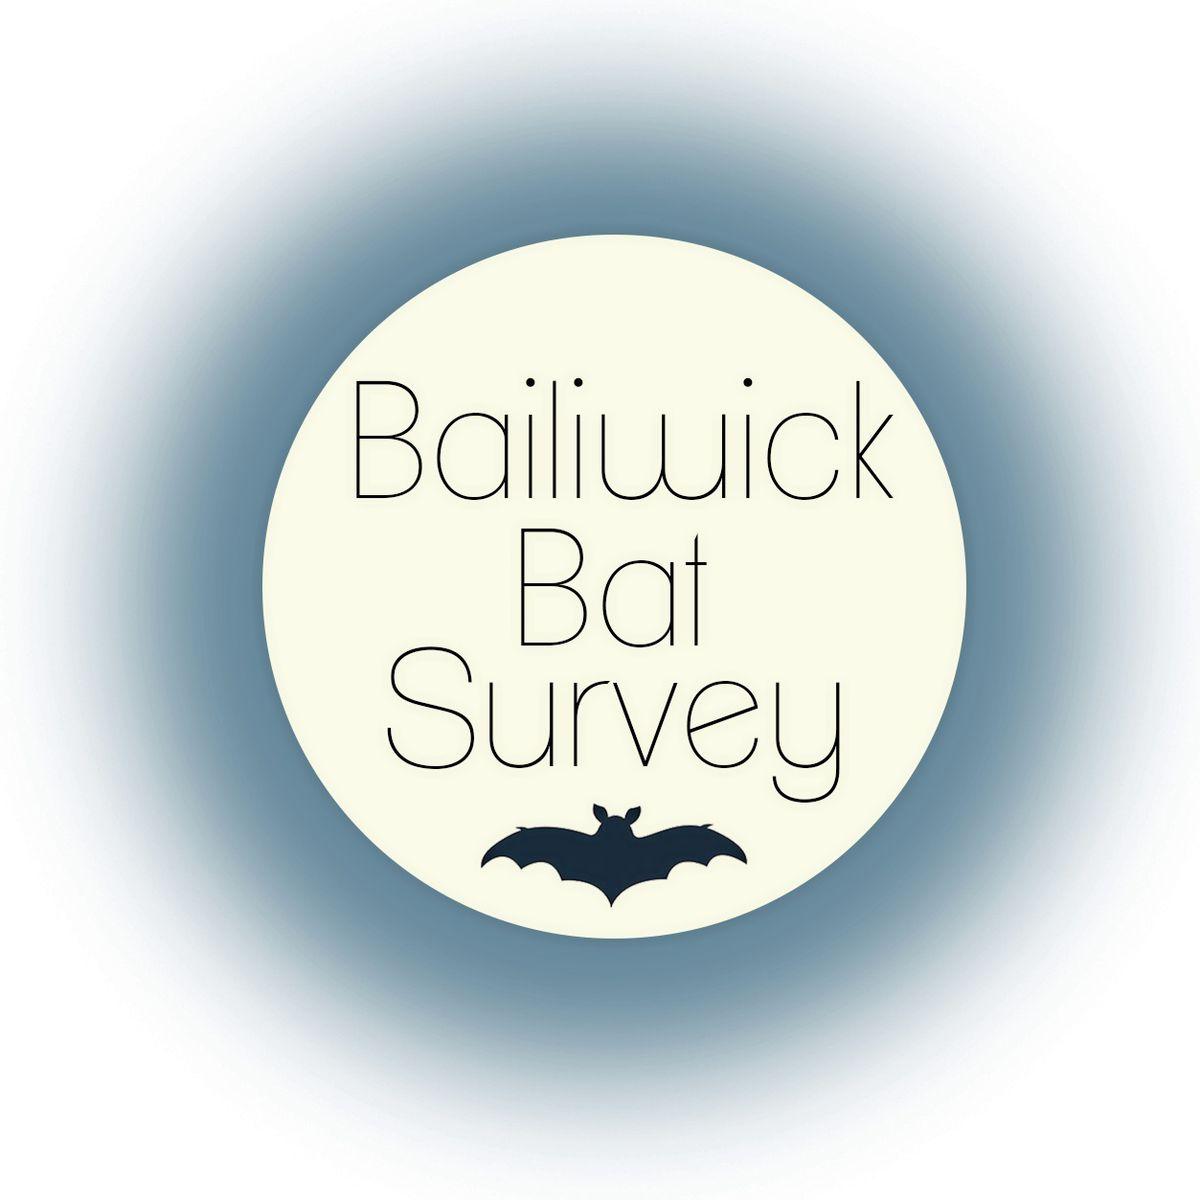 Bat survey logo (29437243)